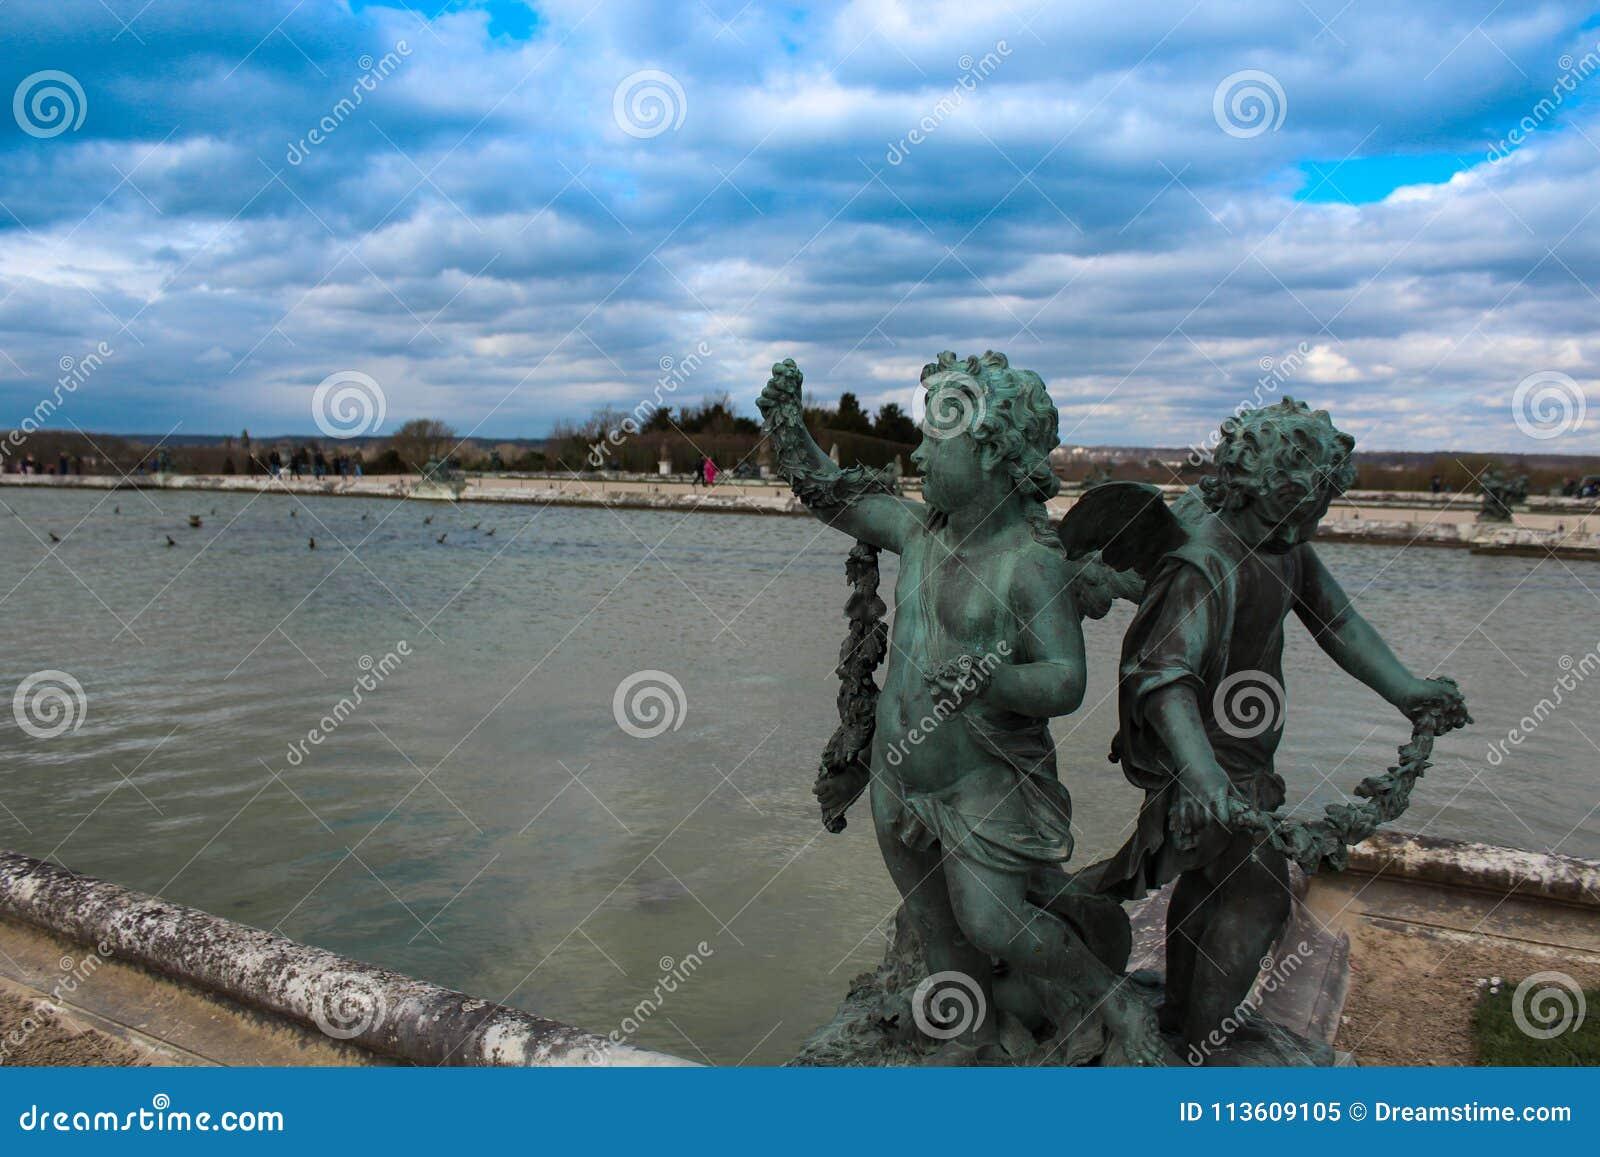 Statuen unter blauem Himmel außerhalb des Palastes von Versailles